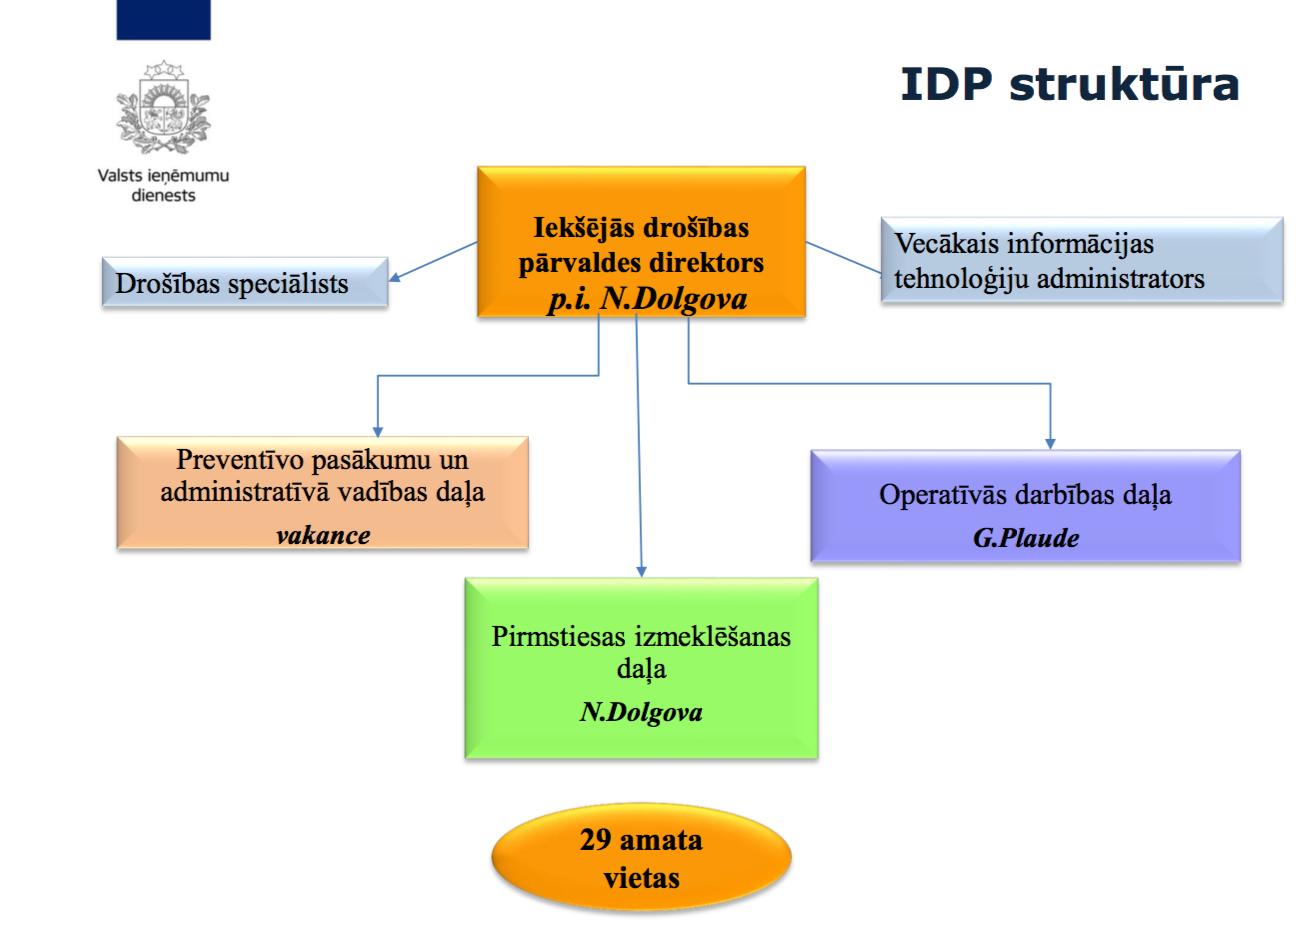 opcijas struktūra agresīva bināro opciju tirdzniecība